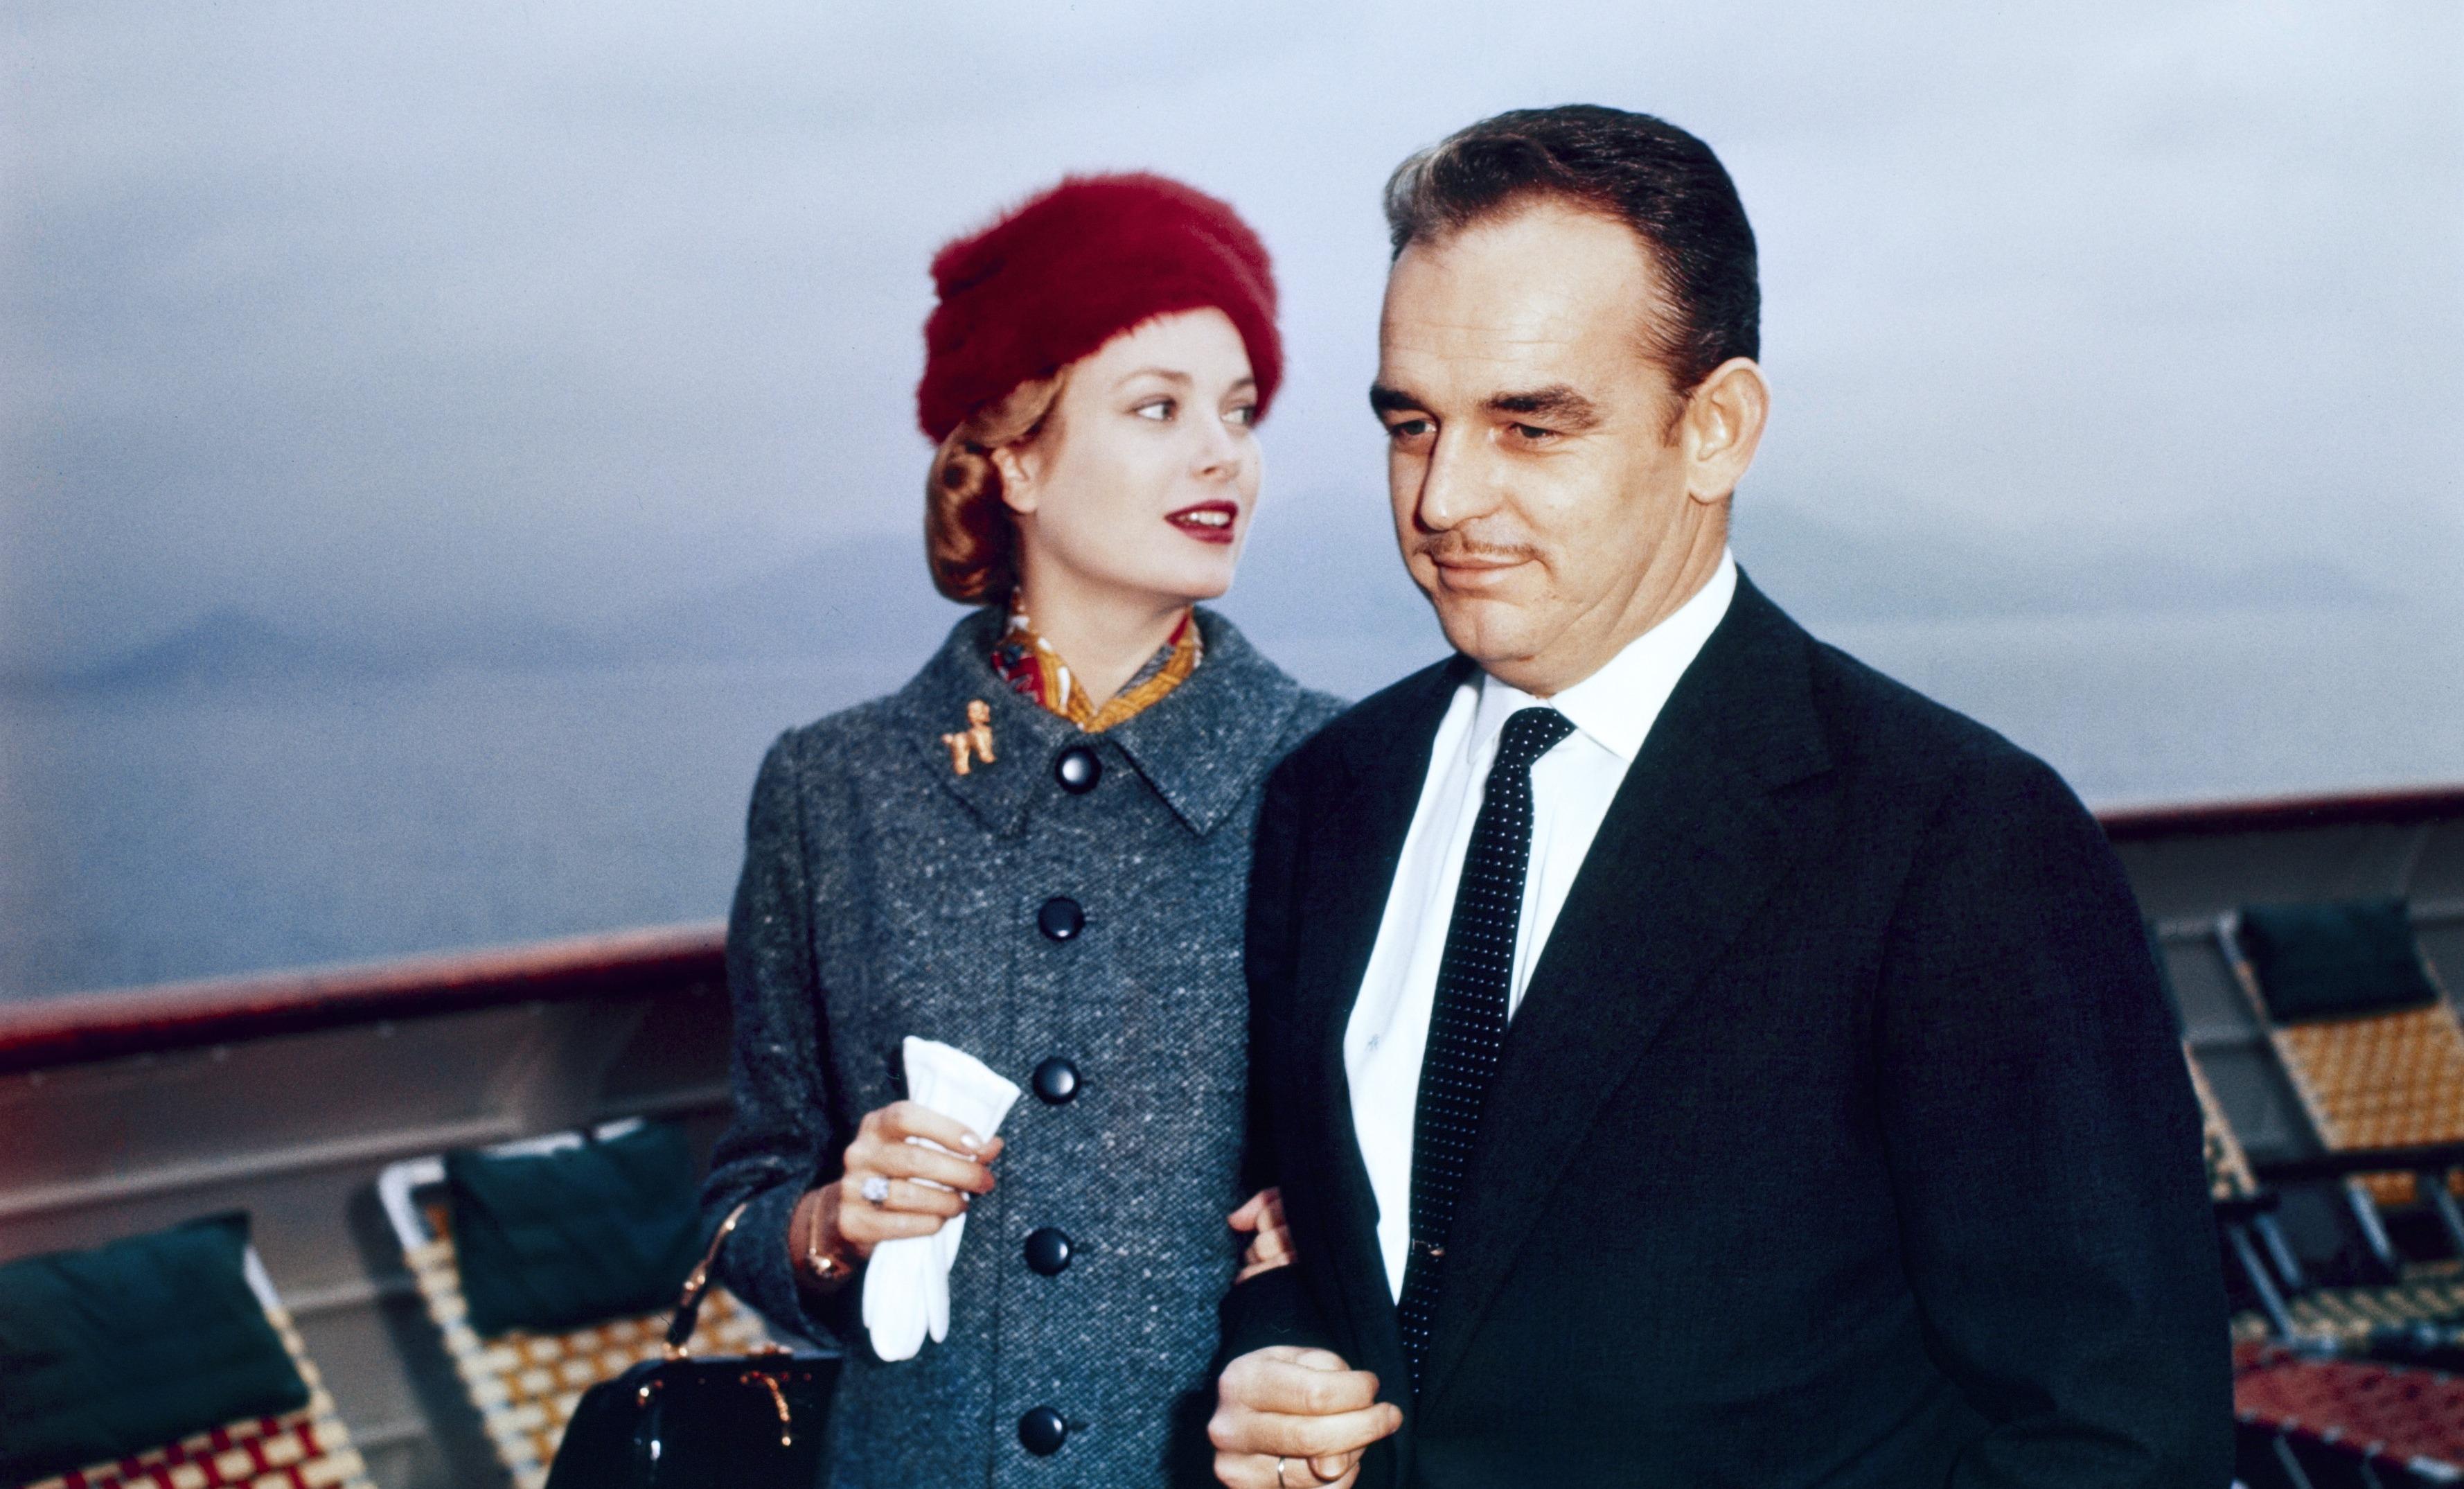 Великая любовь: романы знаменитостей, которые потрясли мир